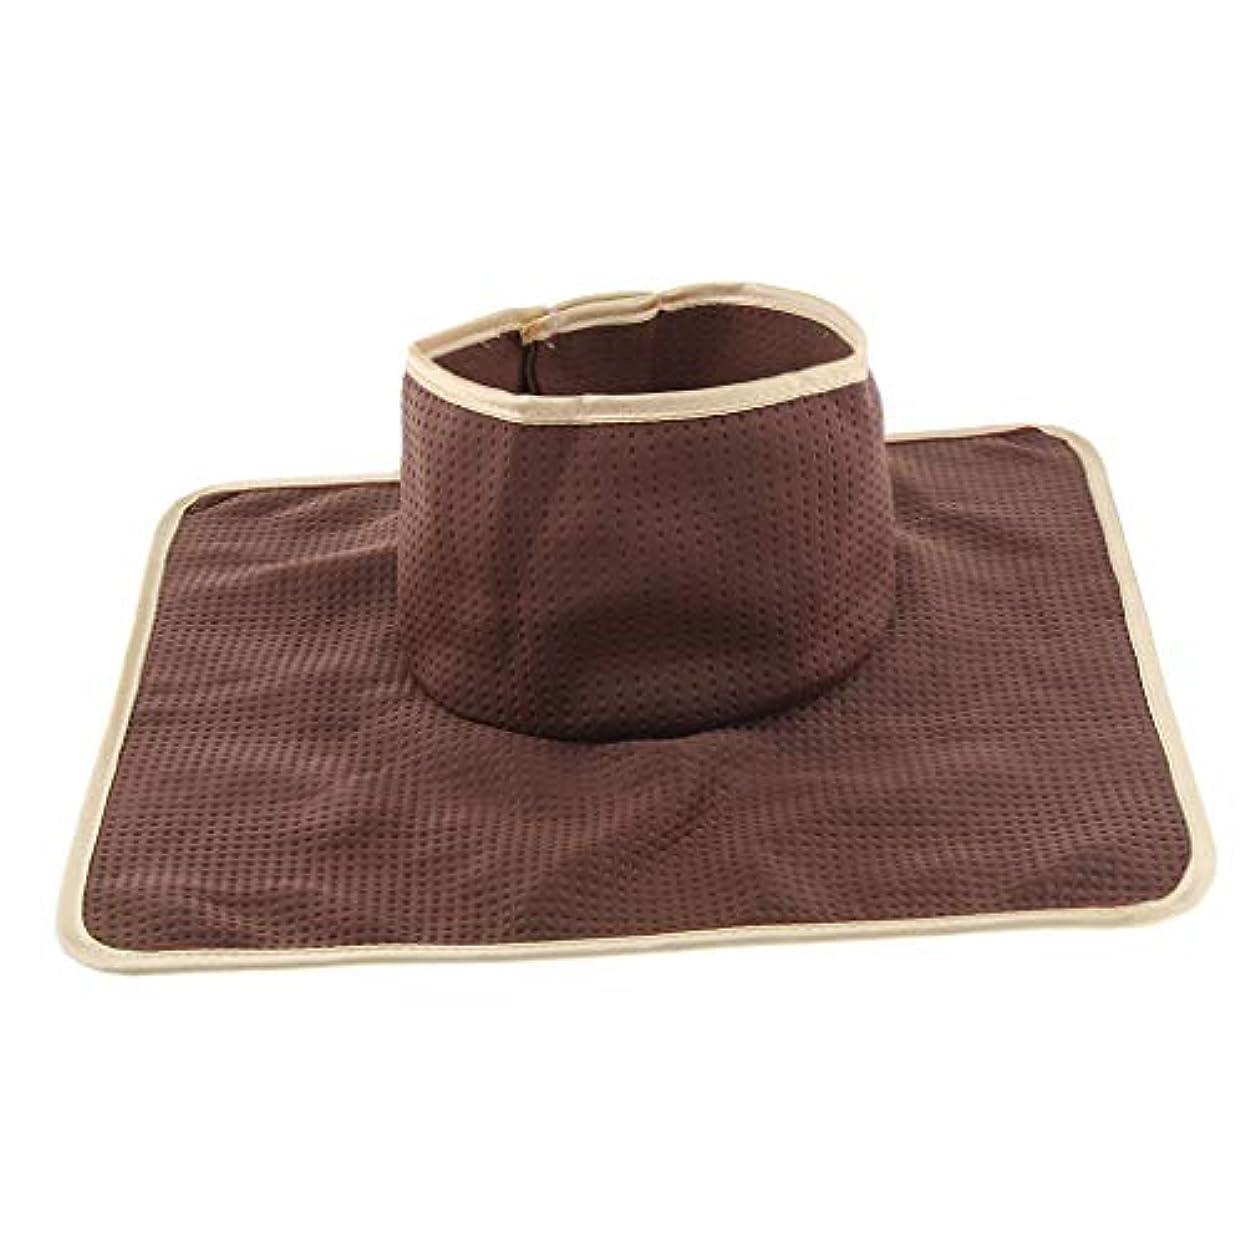 ゴム言うまでもなく蓮FLAMEER マッサージベッド サロンテーブル シート パッド 頭の穴 洗濯可能 約35×35cm 全3色 - コーヒー